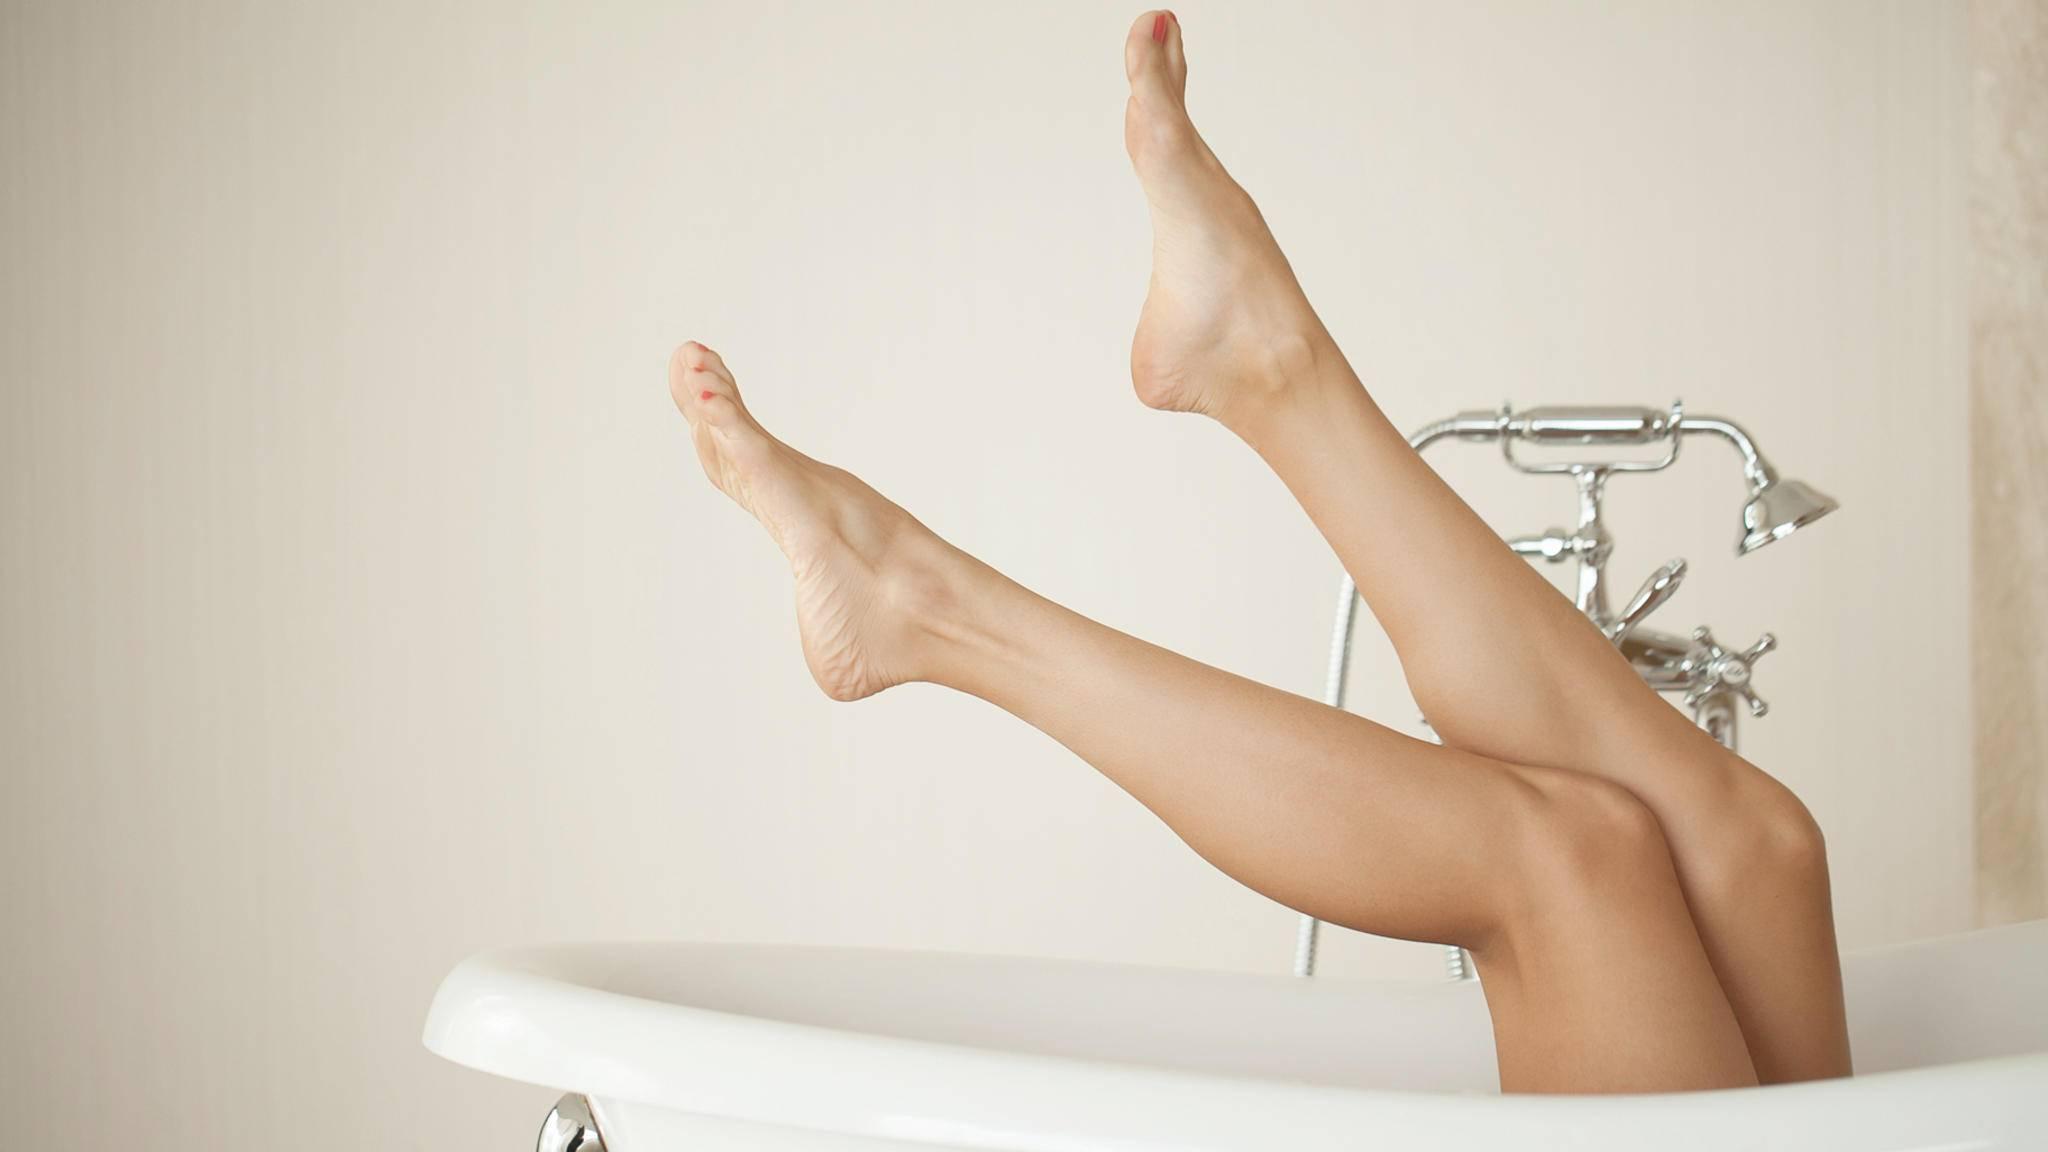 Ihre Badewanne wurde für eine Frau zur echten Falle.